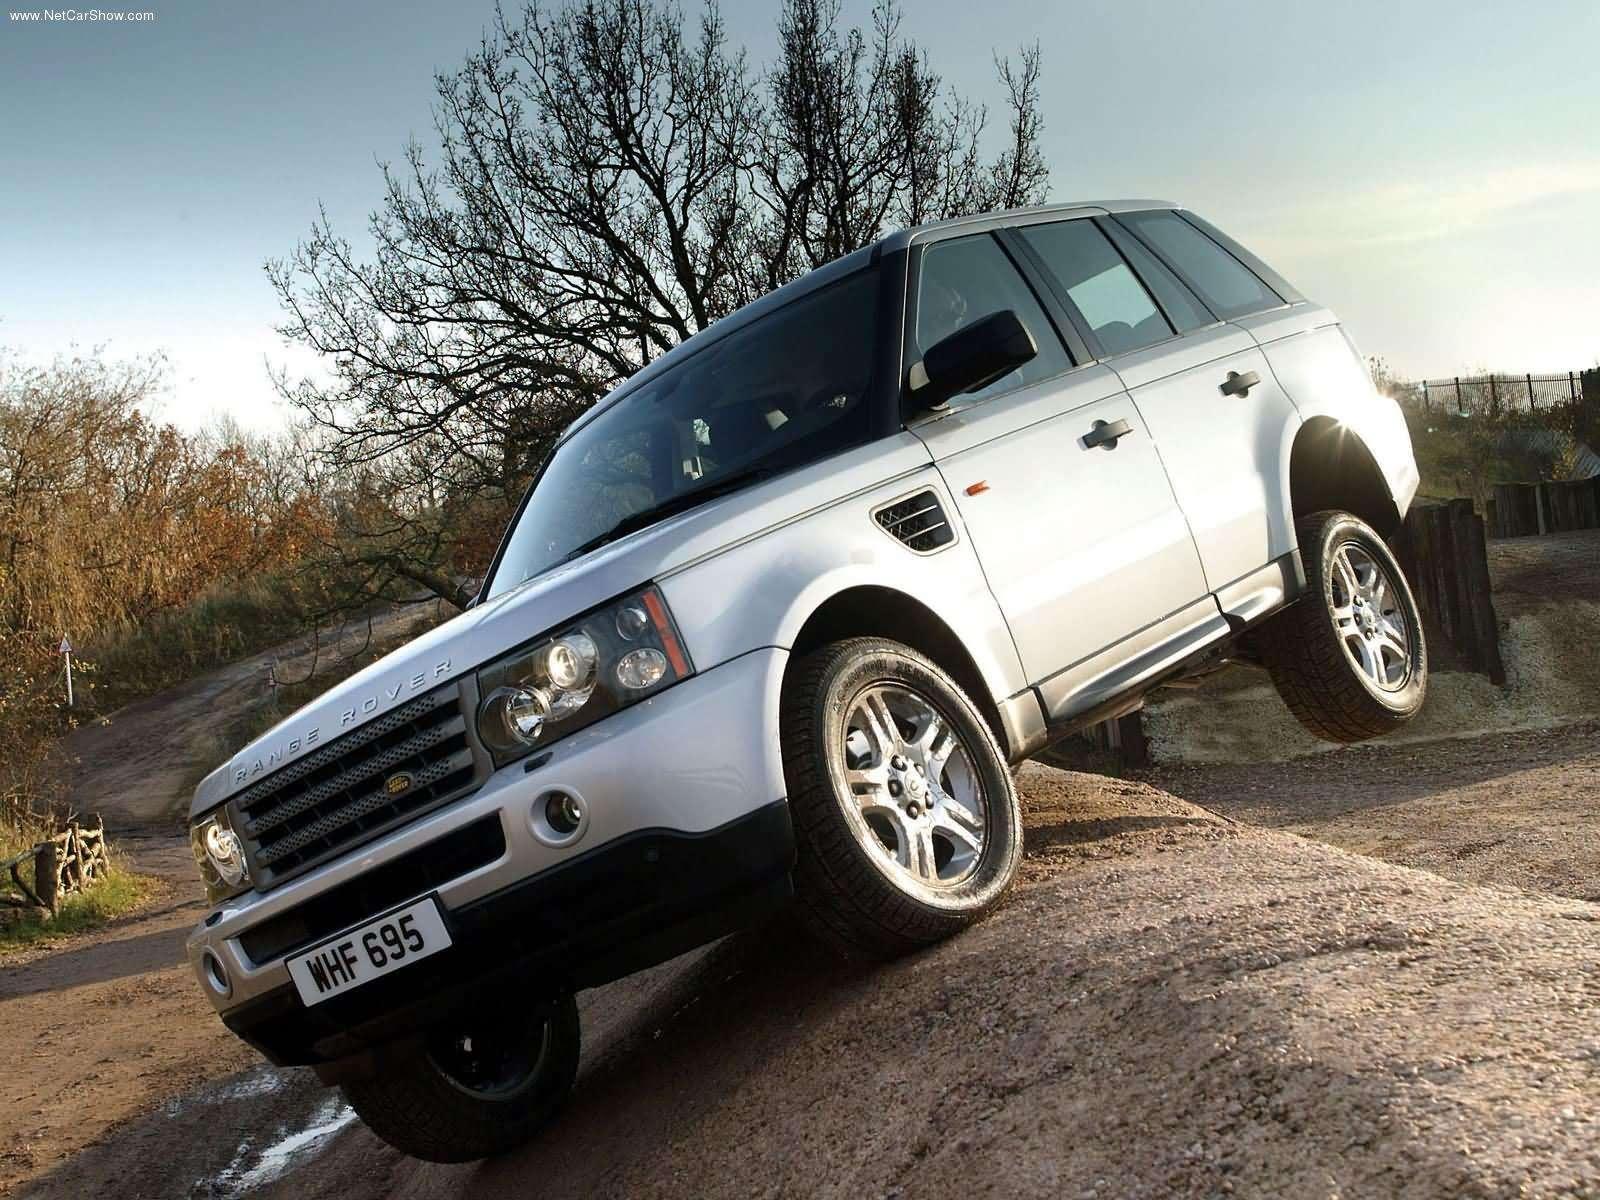 http://3.bp.blogspot.com/-T6pzDNg_CFk/TaiacJ7pulI/AAAAAAAACFw/xyozT-iPcNM/s1600/Land_Rover-Range_Rover_Sport_2006_1600x1200_wallpaper_08.jpg